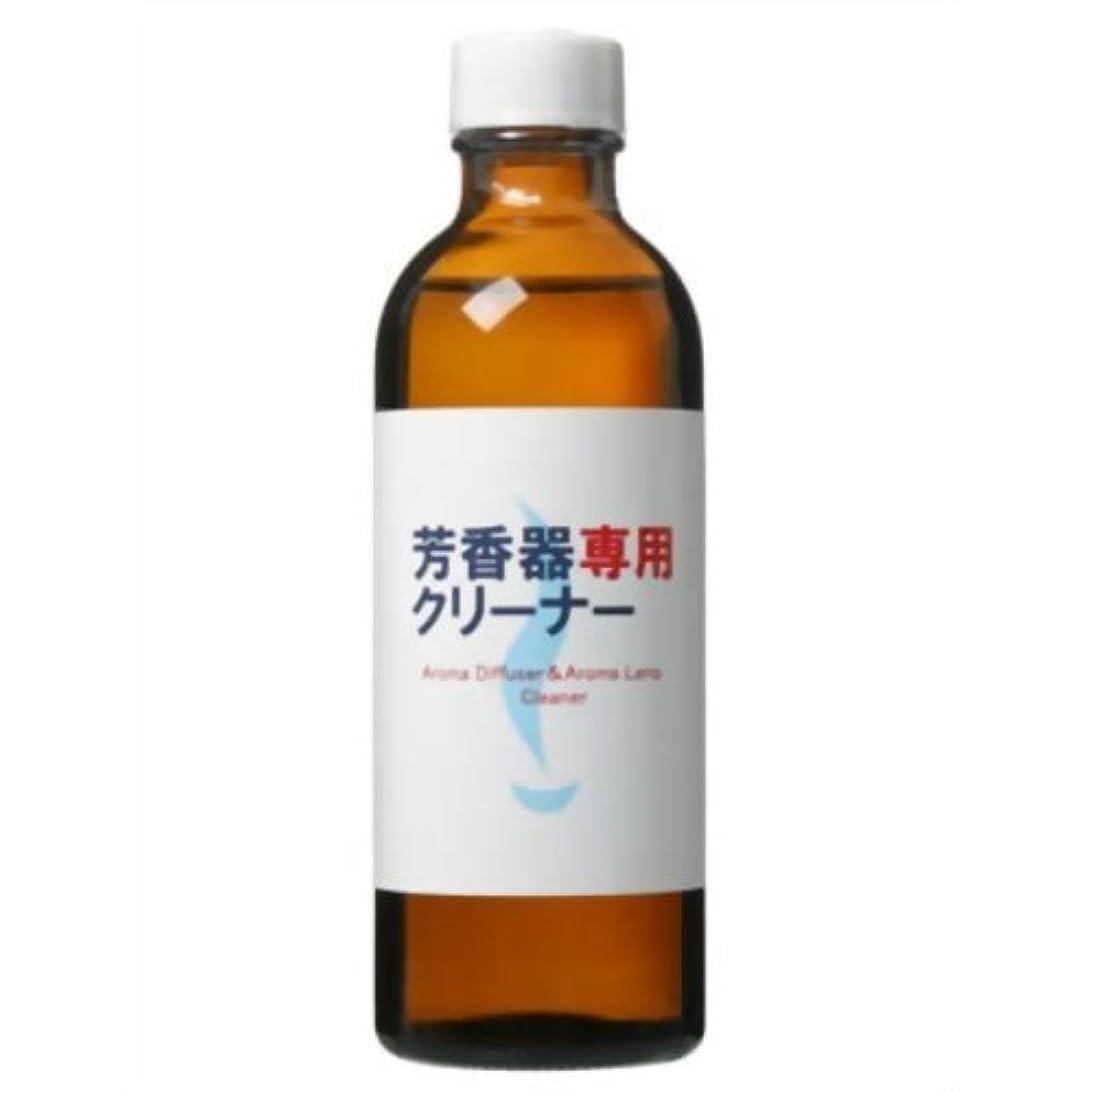 誓う氷トン生活の木 芳香器専用クリーナー 08-801-1100